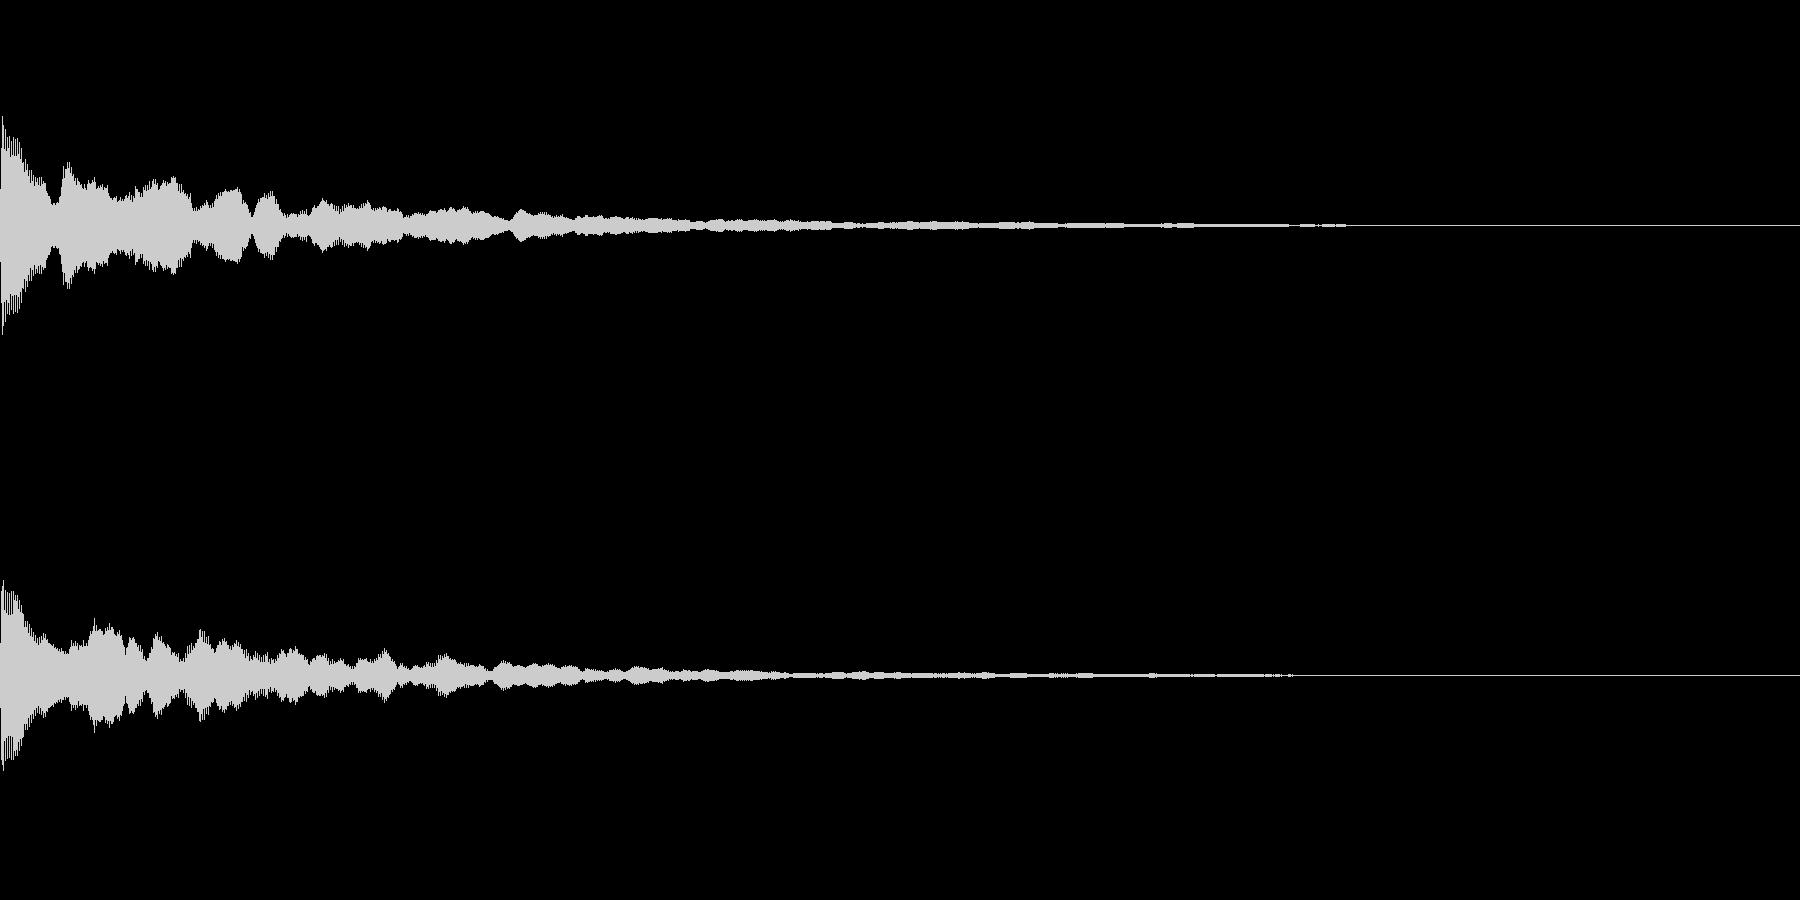 ポーン(ふとした気づきや、アイキャッチ)の未再生の波形